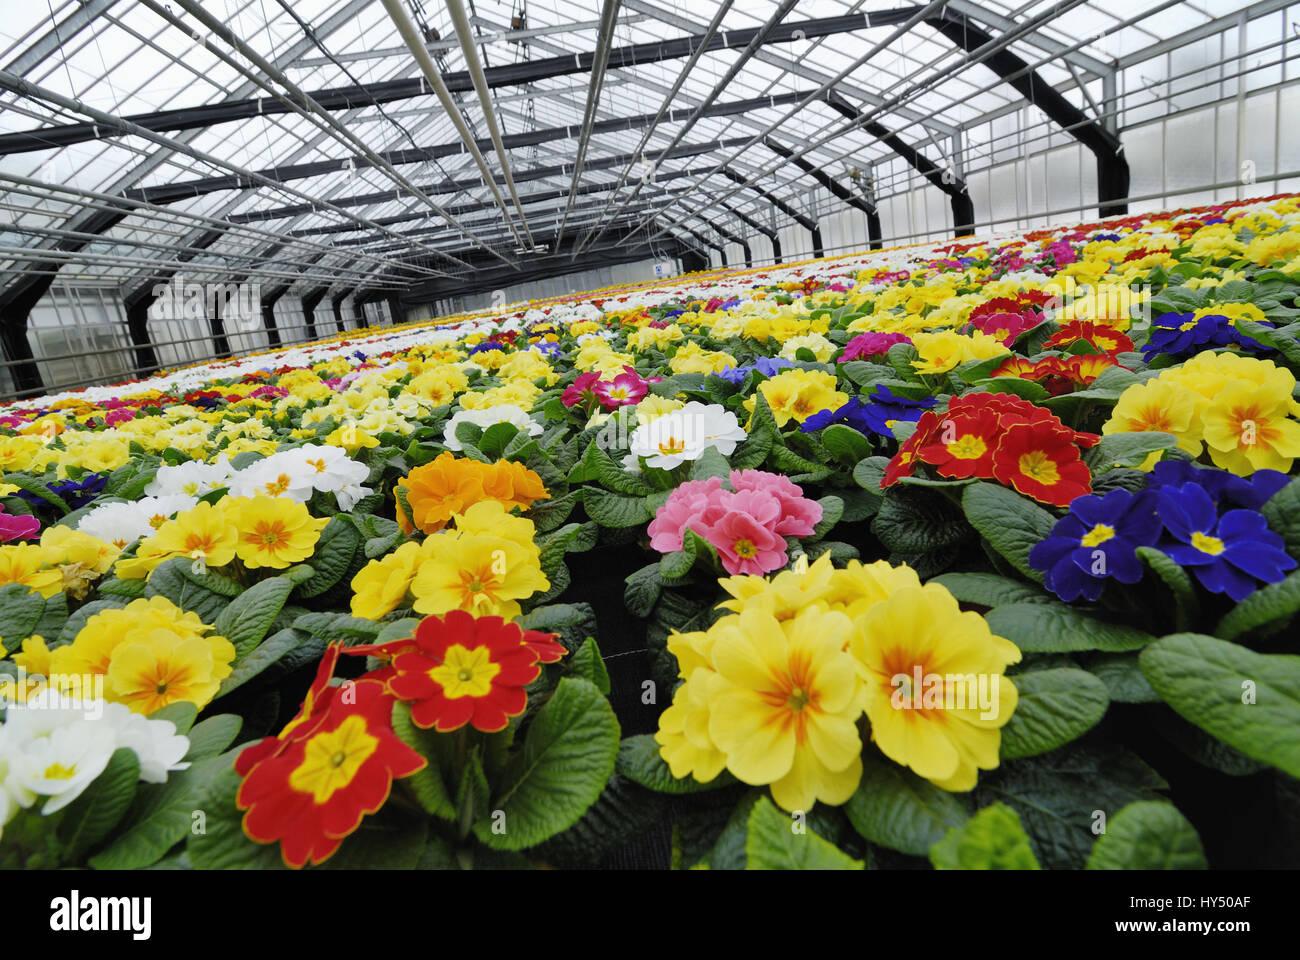 Coloured primroses in a greenhouse, Bunte Primeln in einem Gewaechshaus - Stock Image